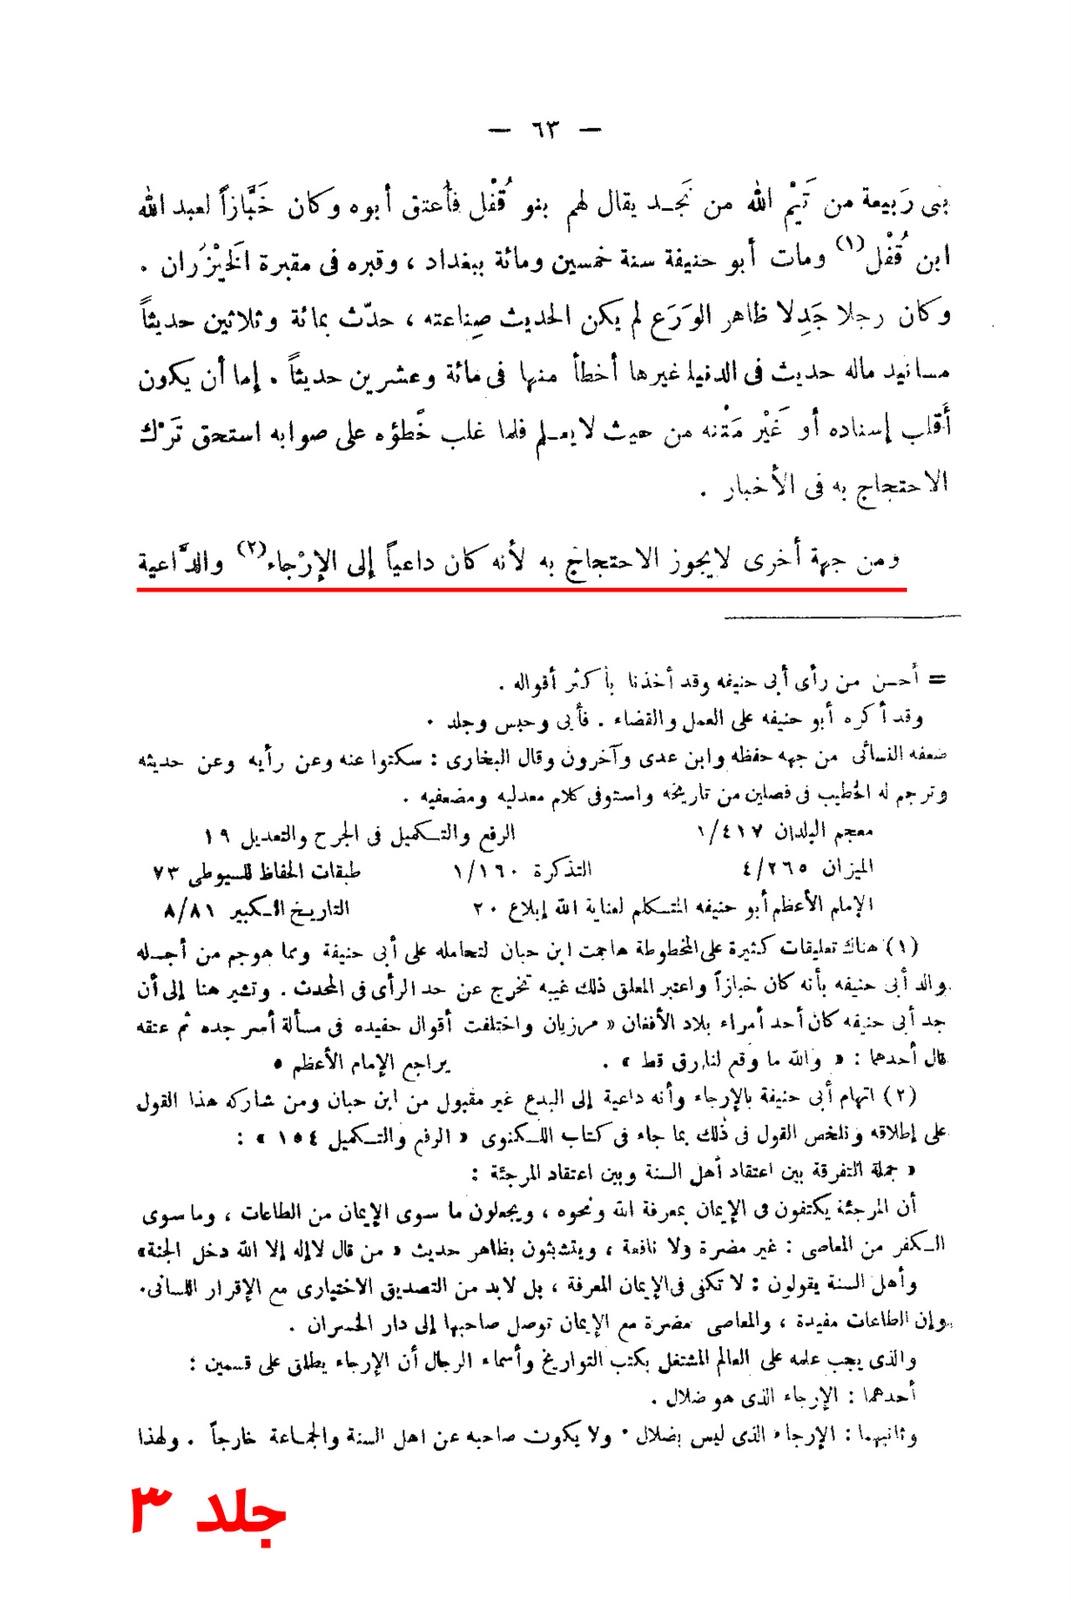 «Китаб аль-маджрухин»